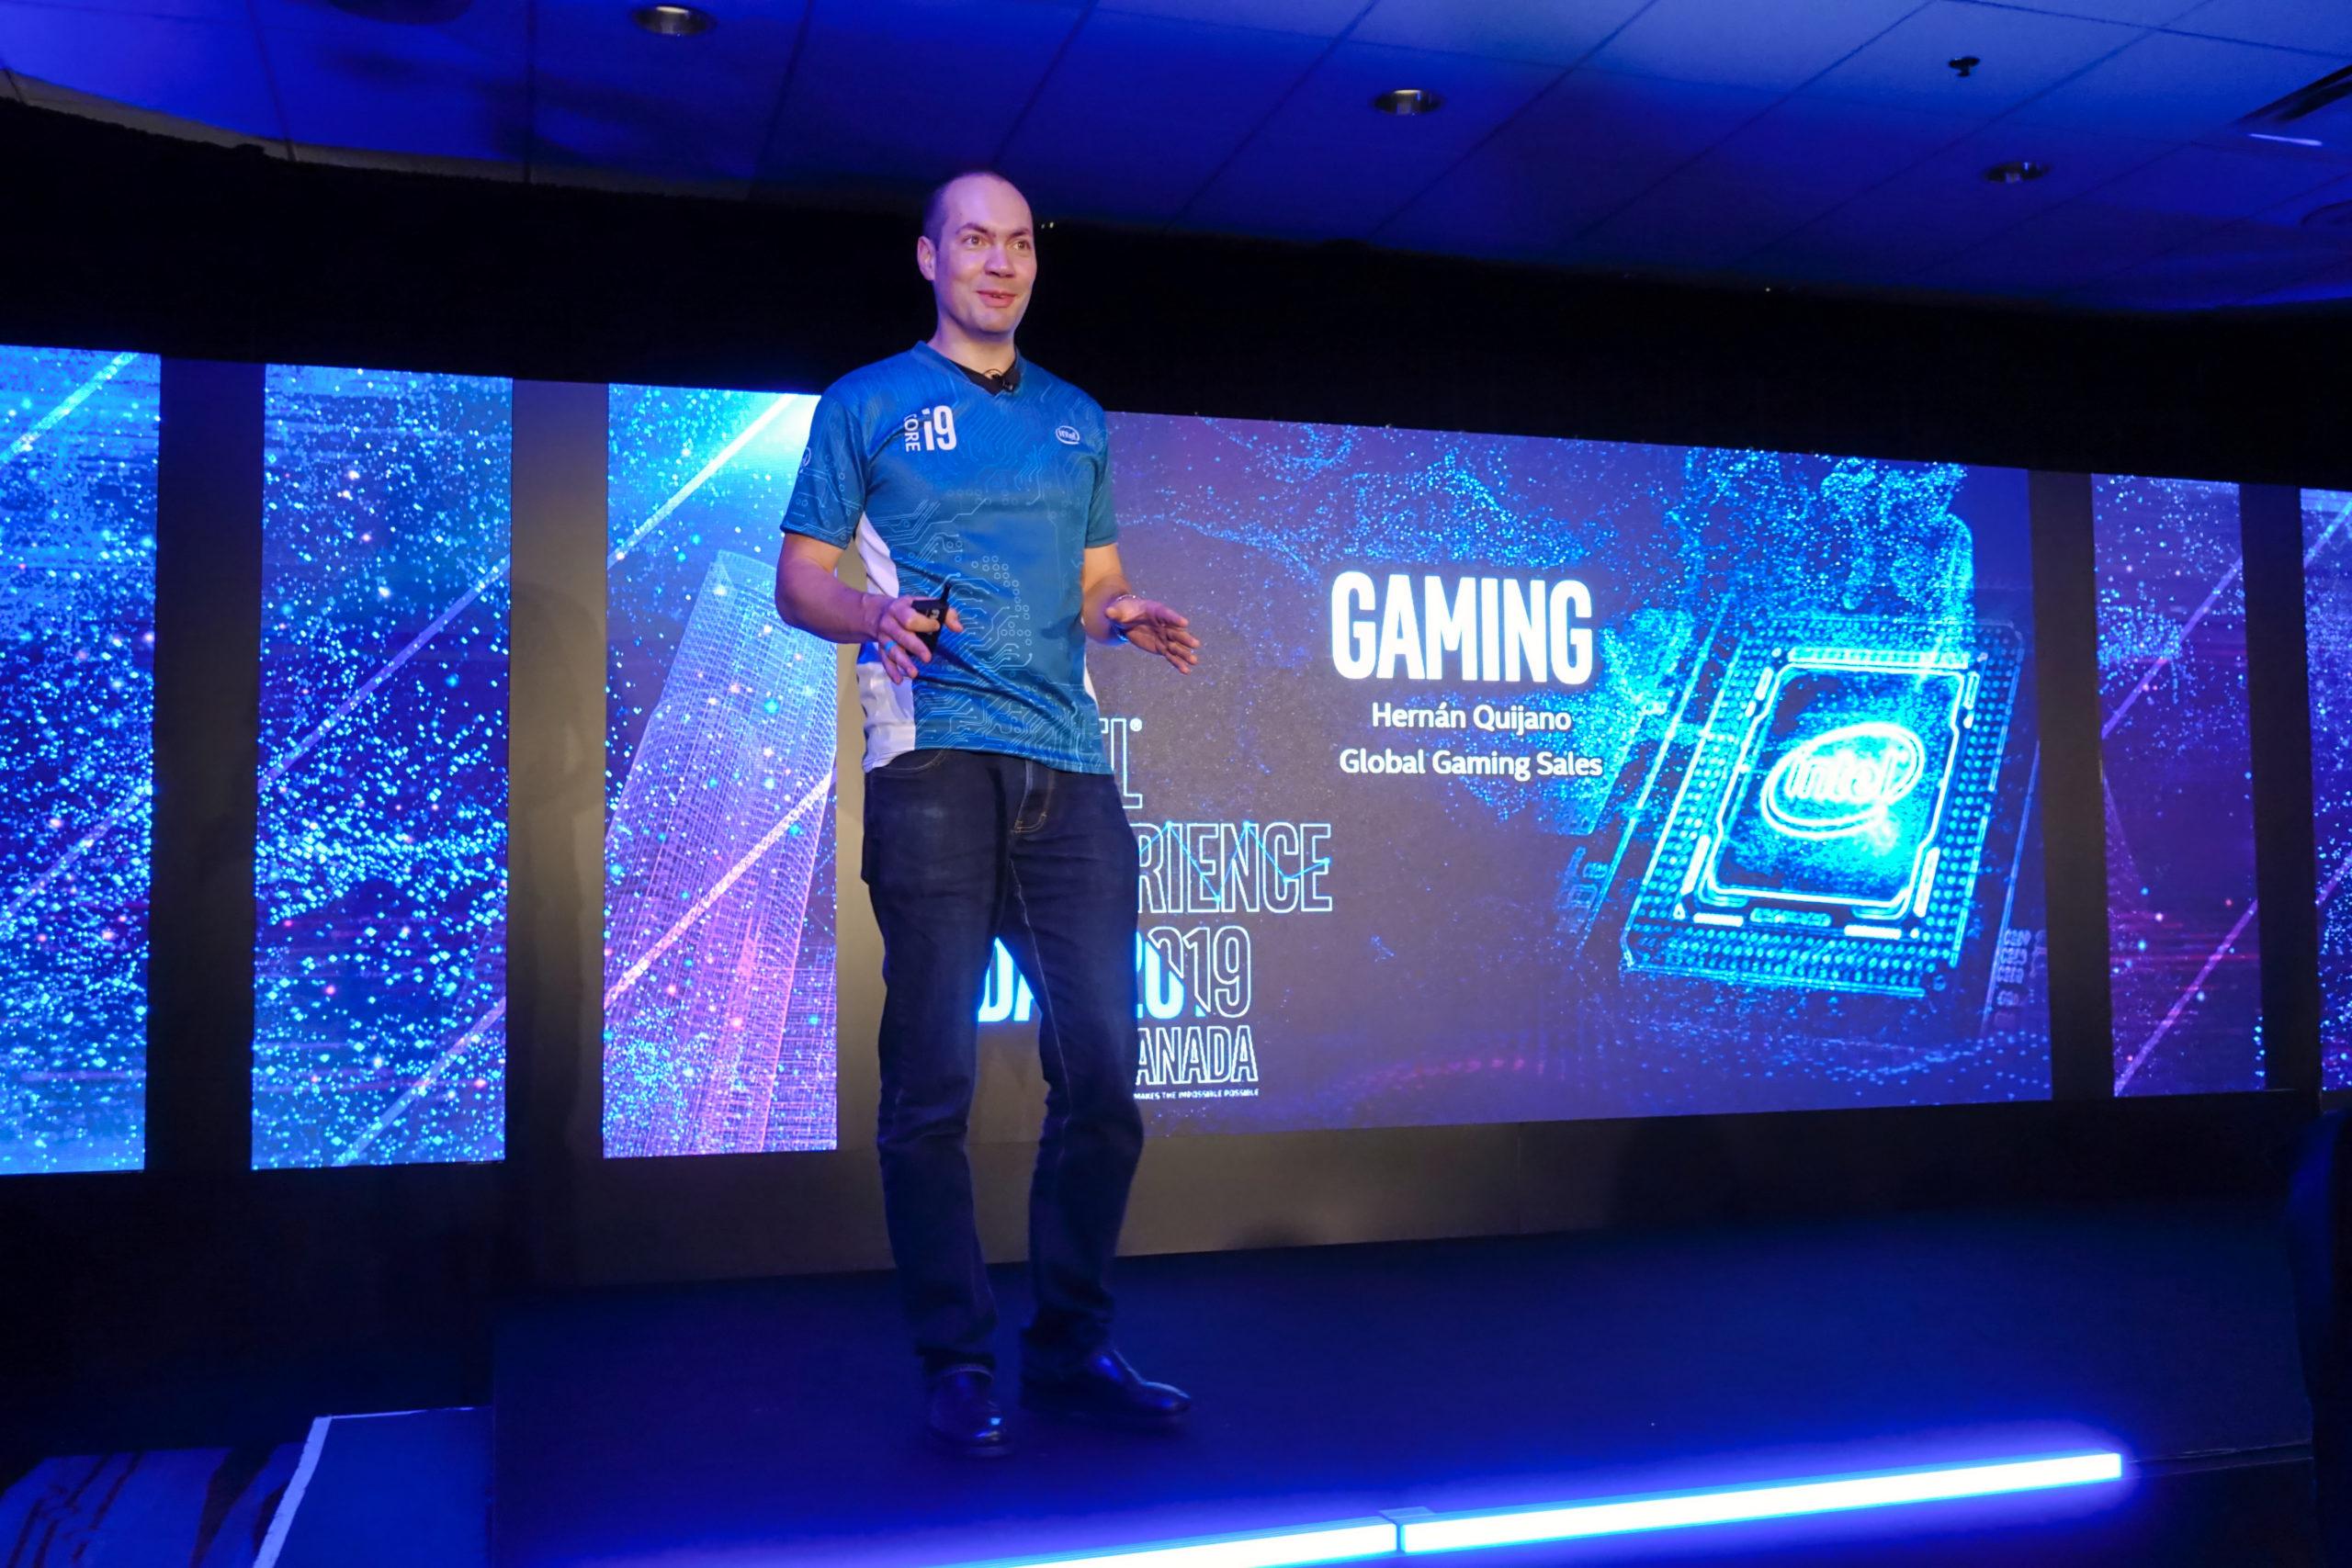 Hernan Quijano, l'expert en jeux, réalité virtuelle et création aux ventes d'Intel au Intel Experience Day 2019 pour Gamer's Night. Photo Eric Martel | Sony RX100M5